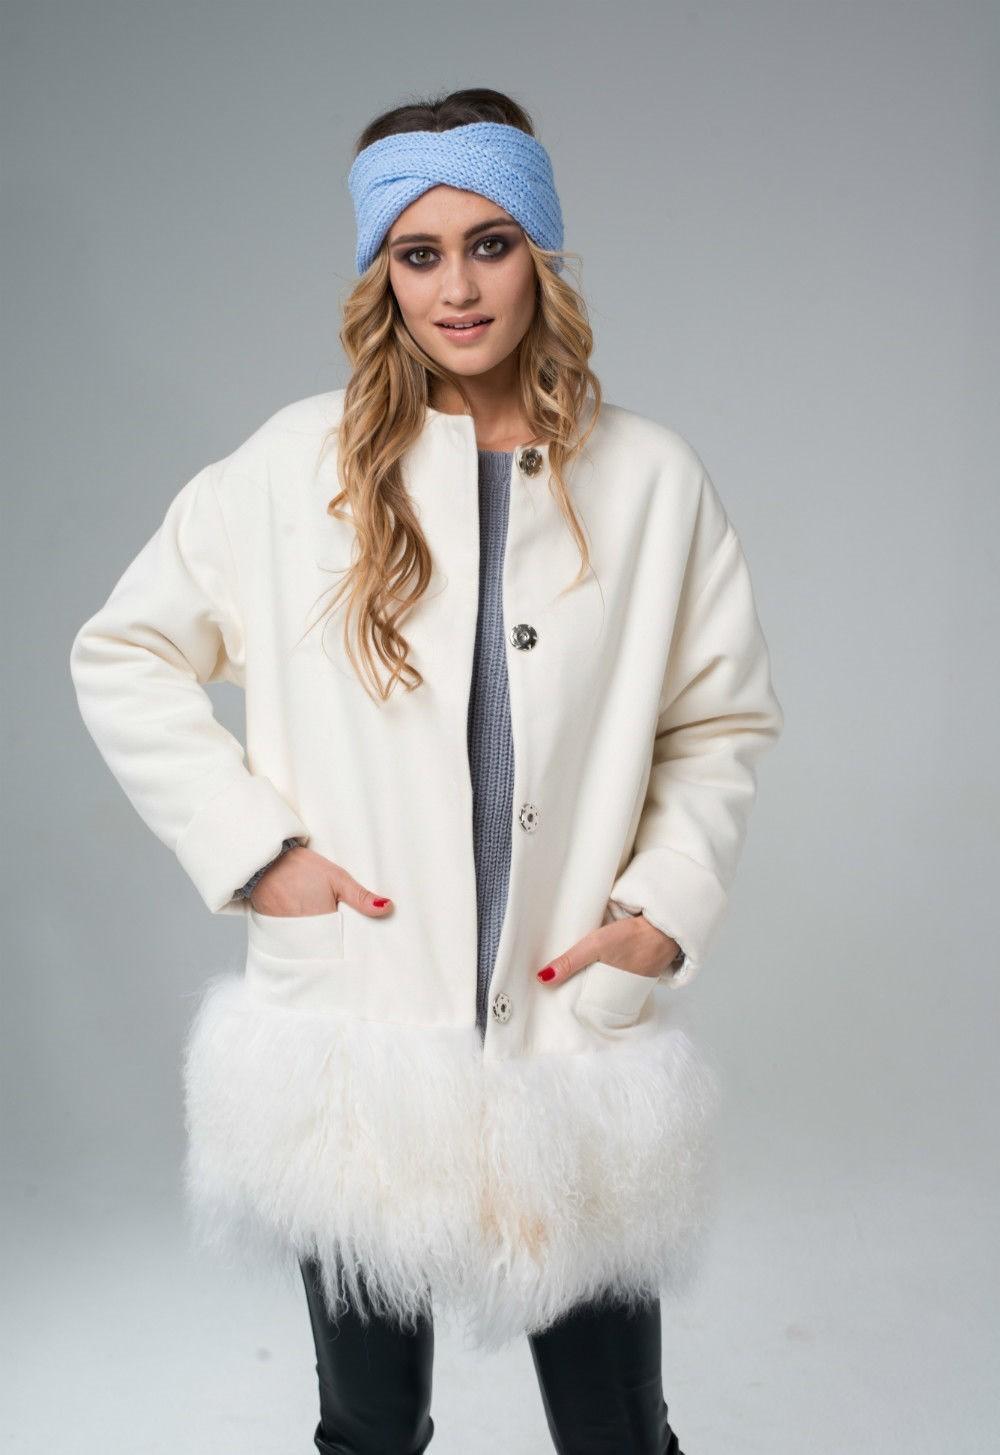 Тренды осень зима 2019: белое пальто с перьями